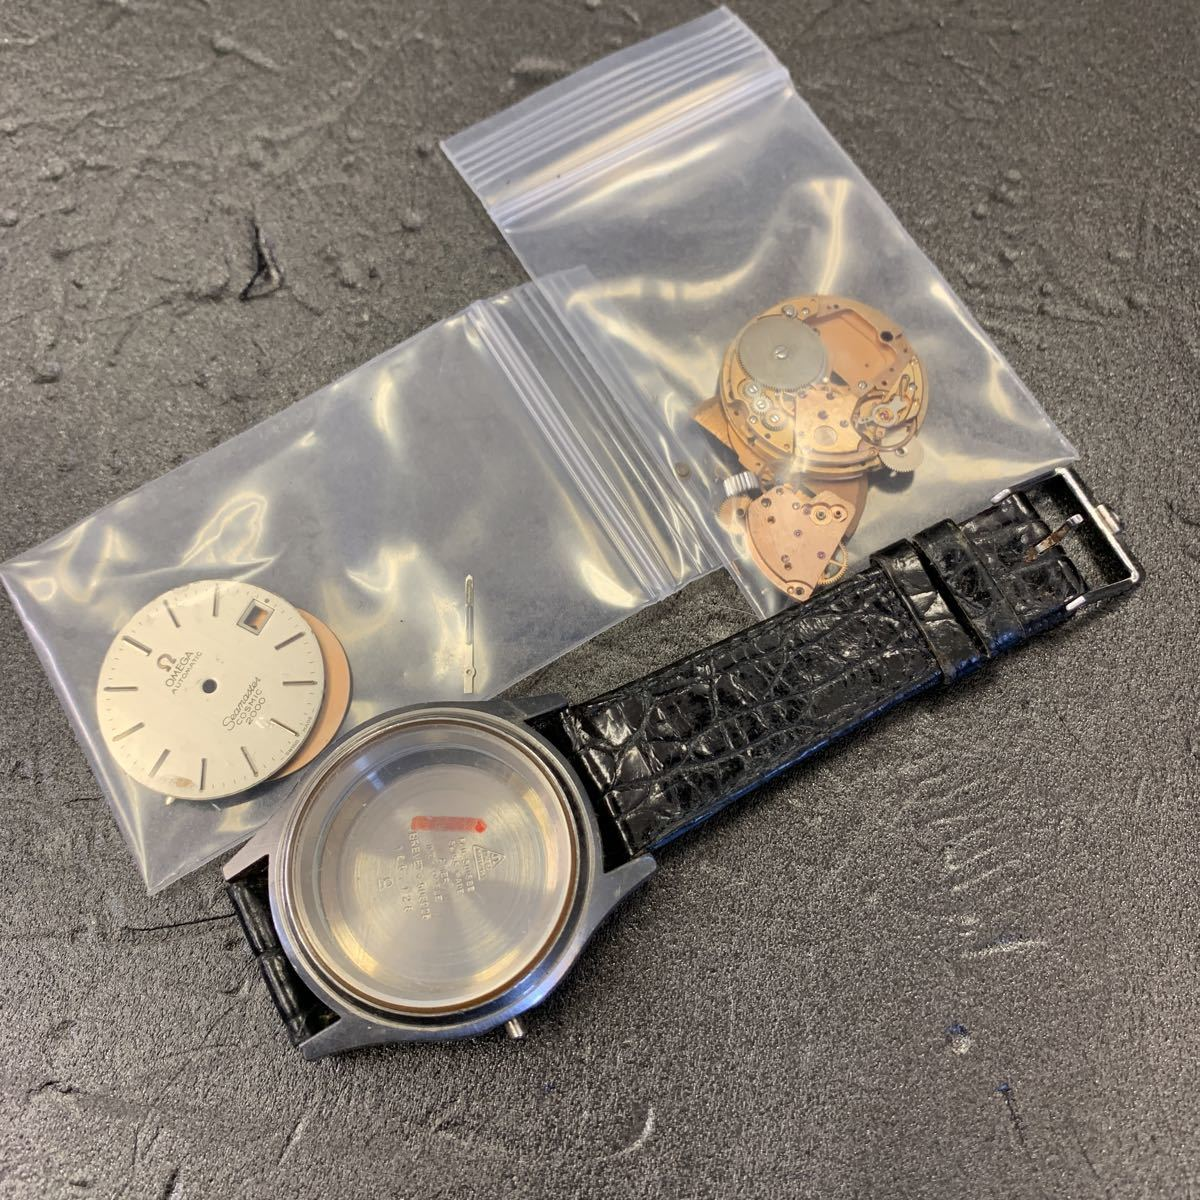 時計店整理品/現状品/ジャンク扱い/OMEGA オメガ Seamaster COSMIC 2000 シーマスター コスミック 純正ベルト 自動巻 デイト メンズ 腕時計